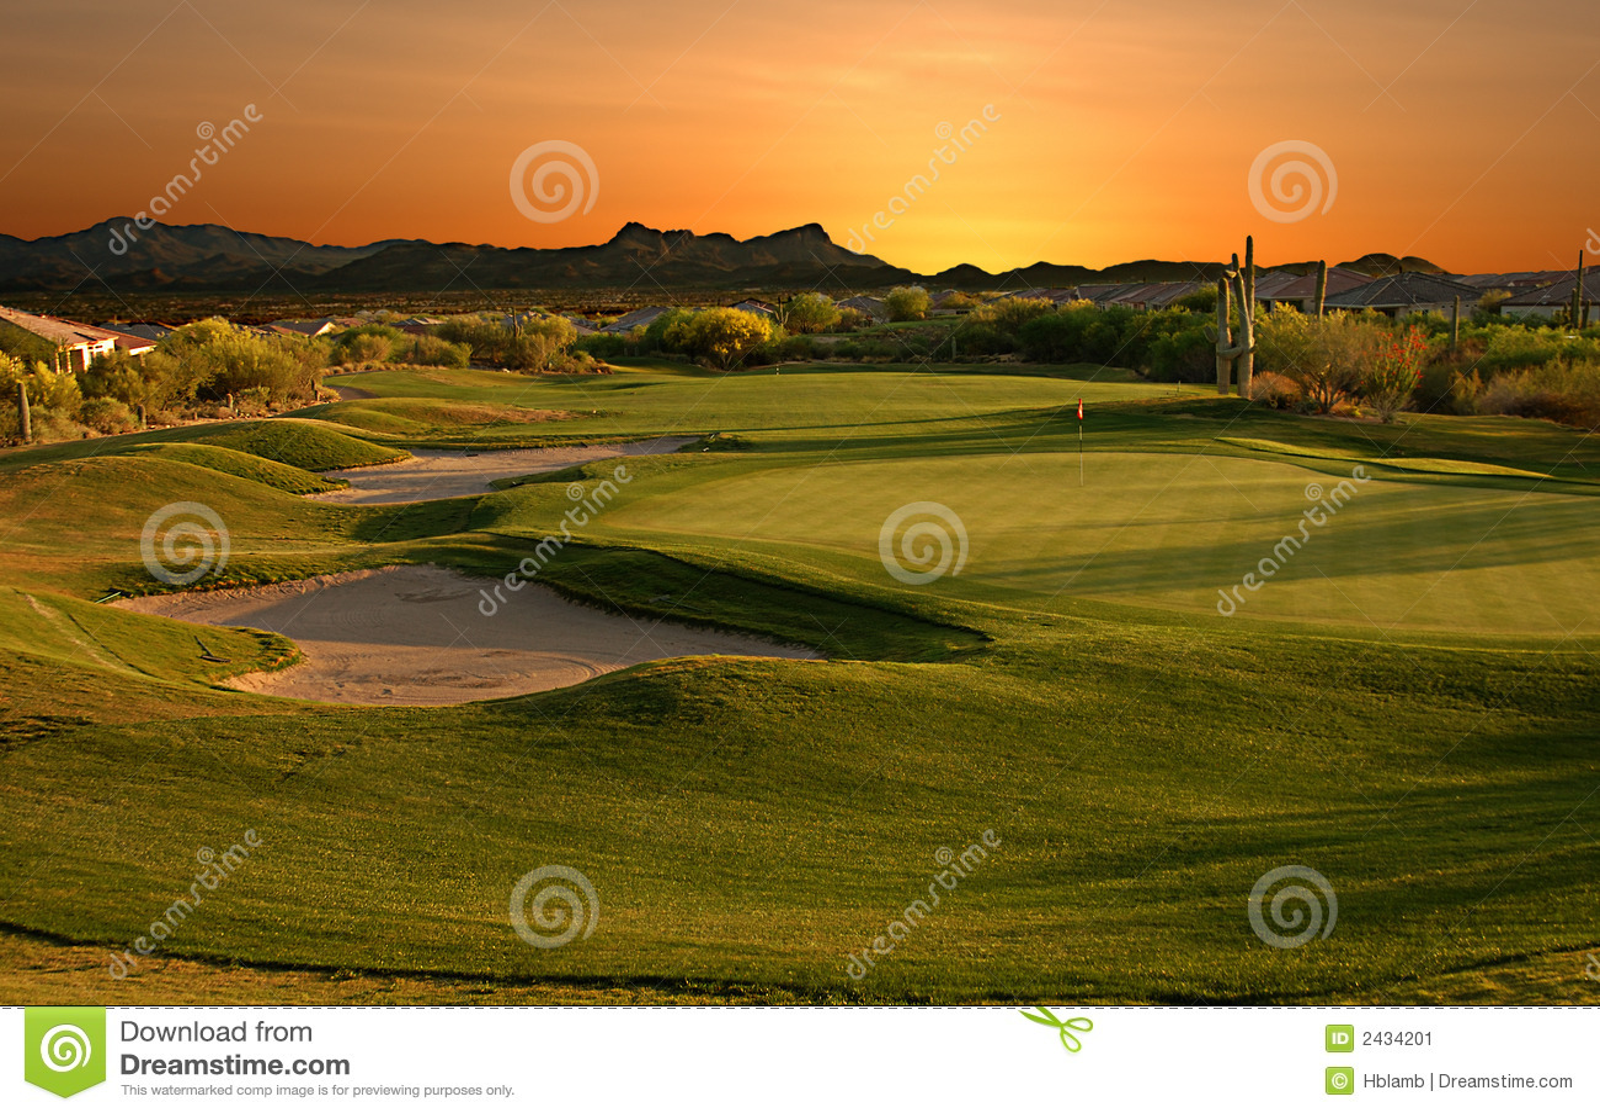 ηλιοβασίλεμα γκολφ σ&epsilon